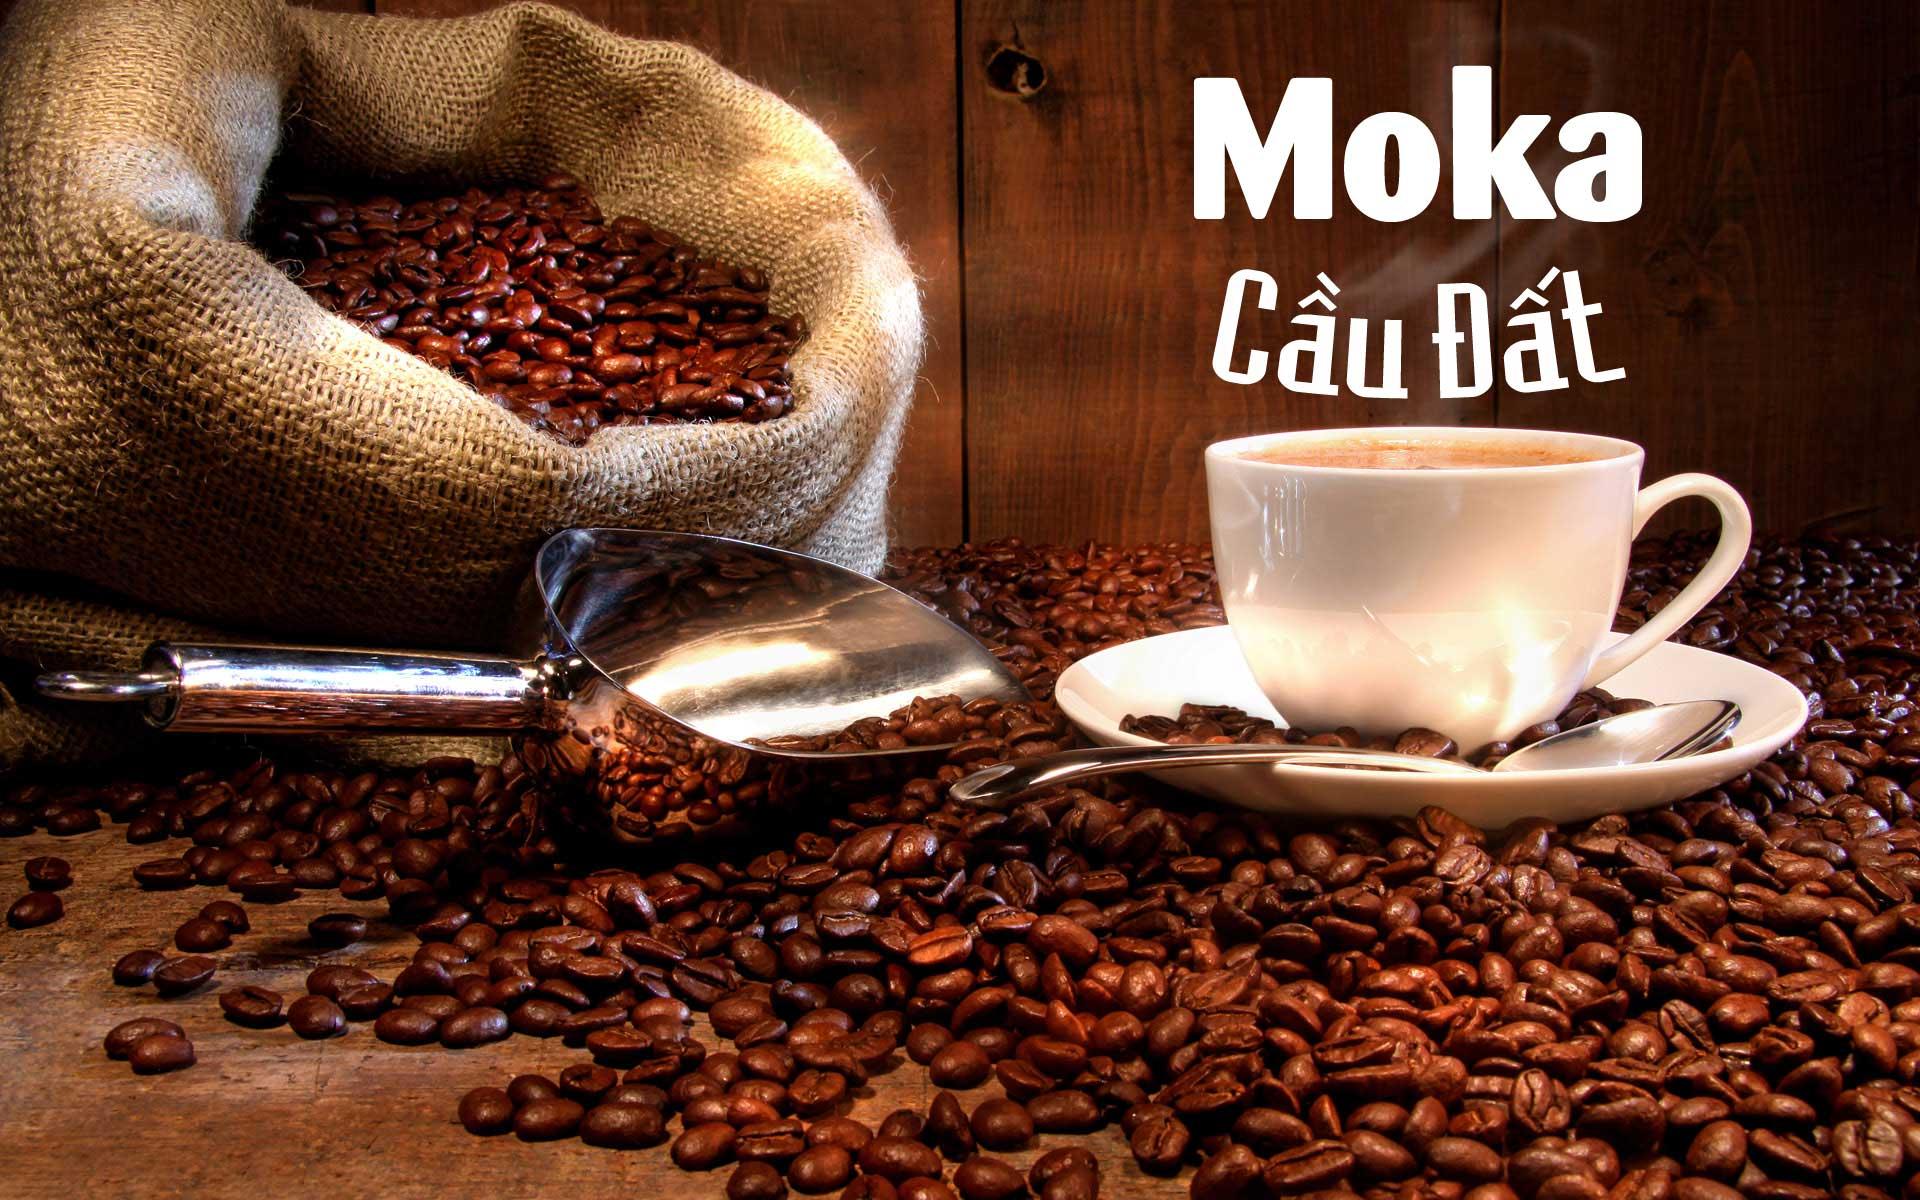 Cà phê Moka nguyên chất